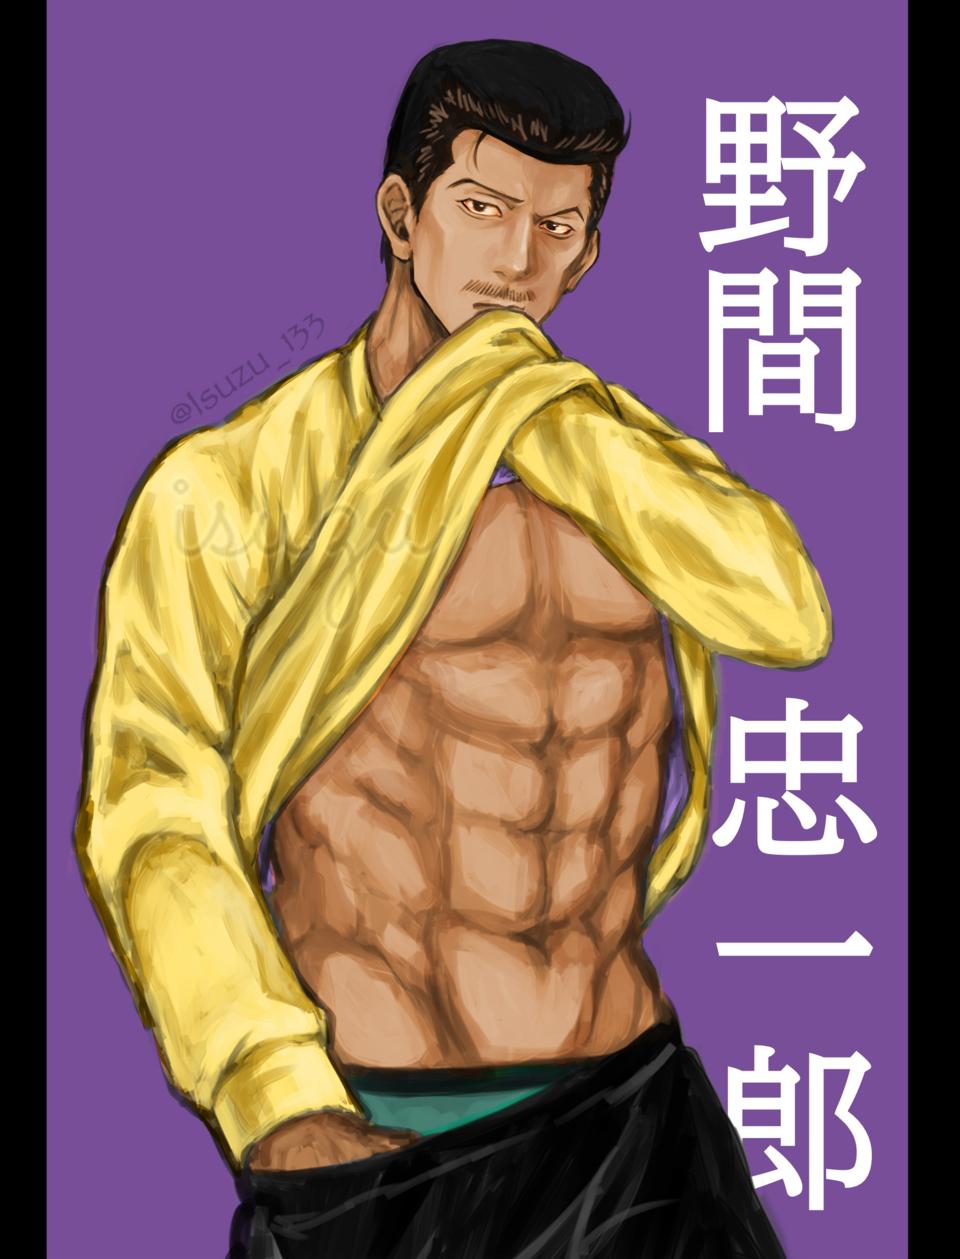 スラムダンク(チュウ) Illust of いすゞ 野間忠一郎 チュウ SlamDunk